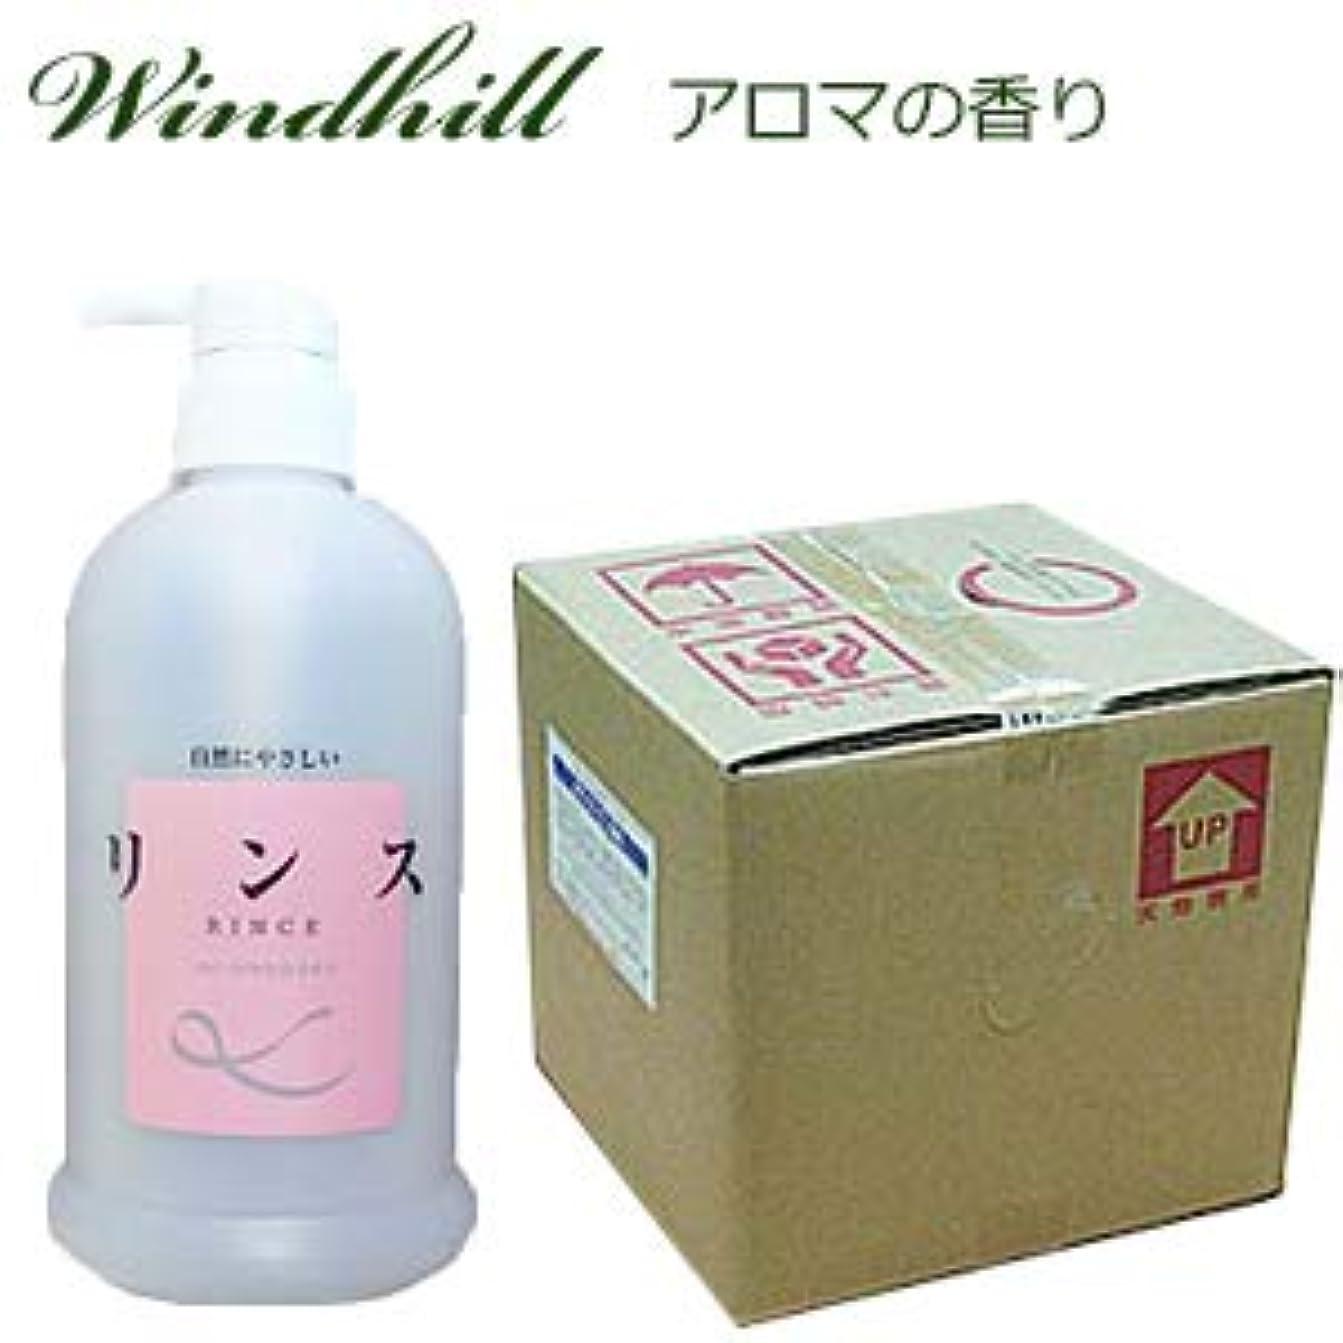 ためらう大陸円形のなんと! 500ml当り188円 Windhill 植物性業務用 リンス 紅茶を思うアロマの香り 20L